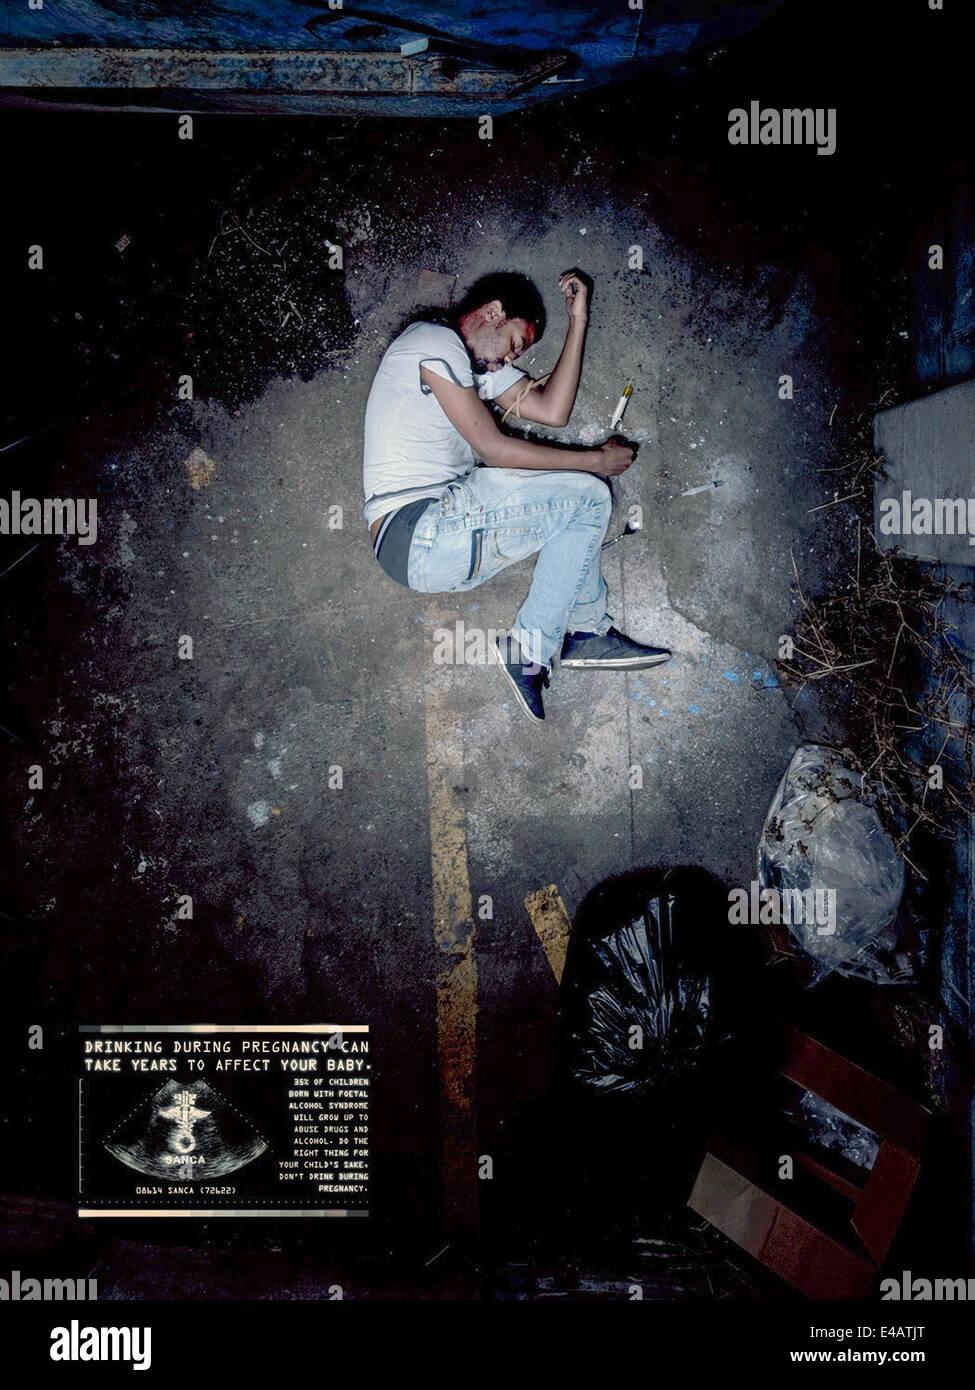 SANCA 2010 sindrome alcolica fetale della campagna di sensibilizzazione poster. Tossicodipendente in posizione fetale. Immagini Stock